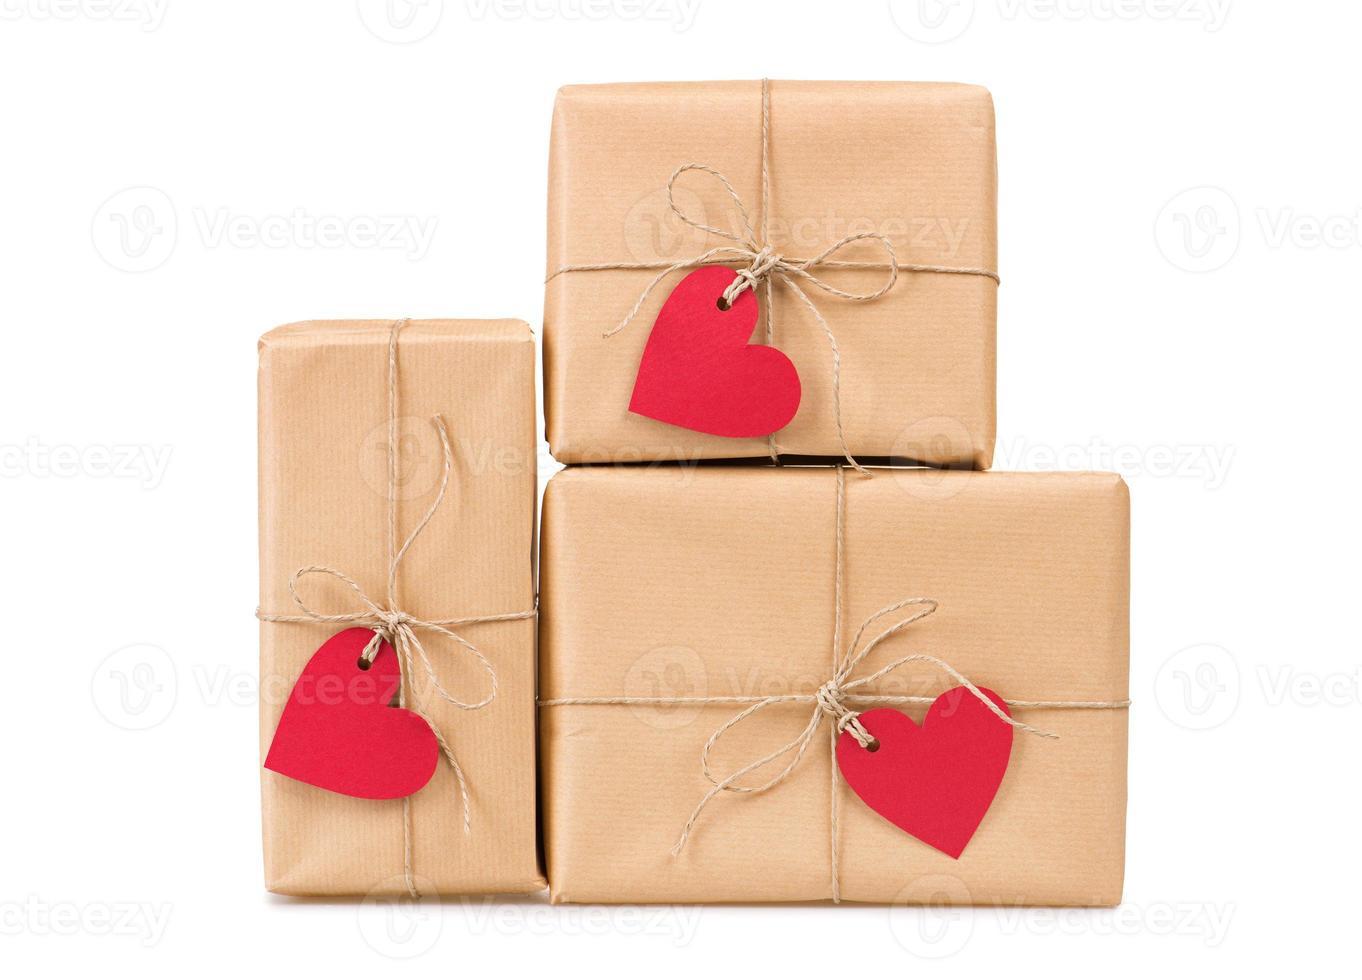 presentförpackningar hjärtformade etiketter foto